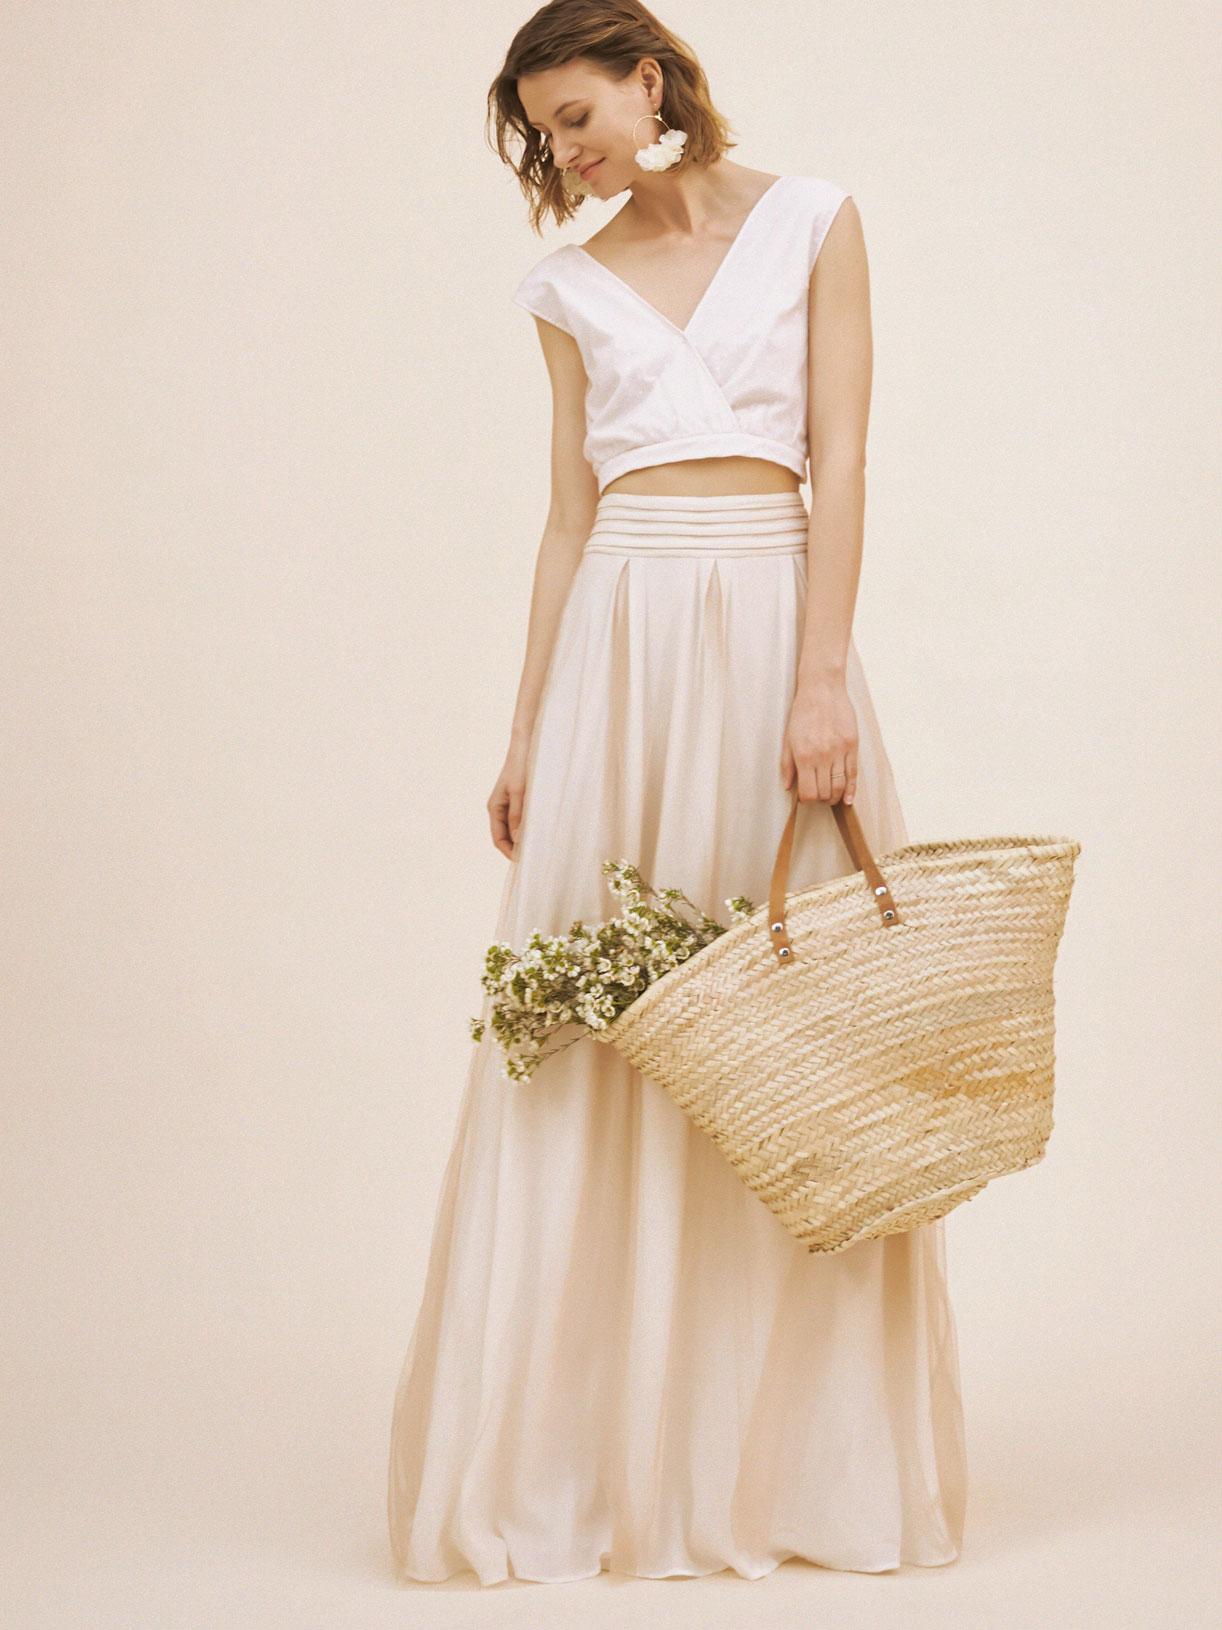 Jupe de mariée ample boheme et écoresponsable - Creatrice de robe de mariée éthique et bio a Paris - Myphilosophy